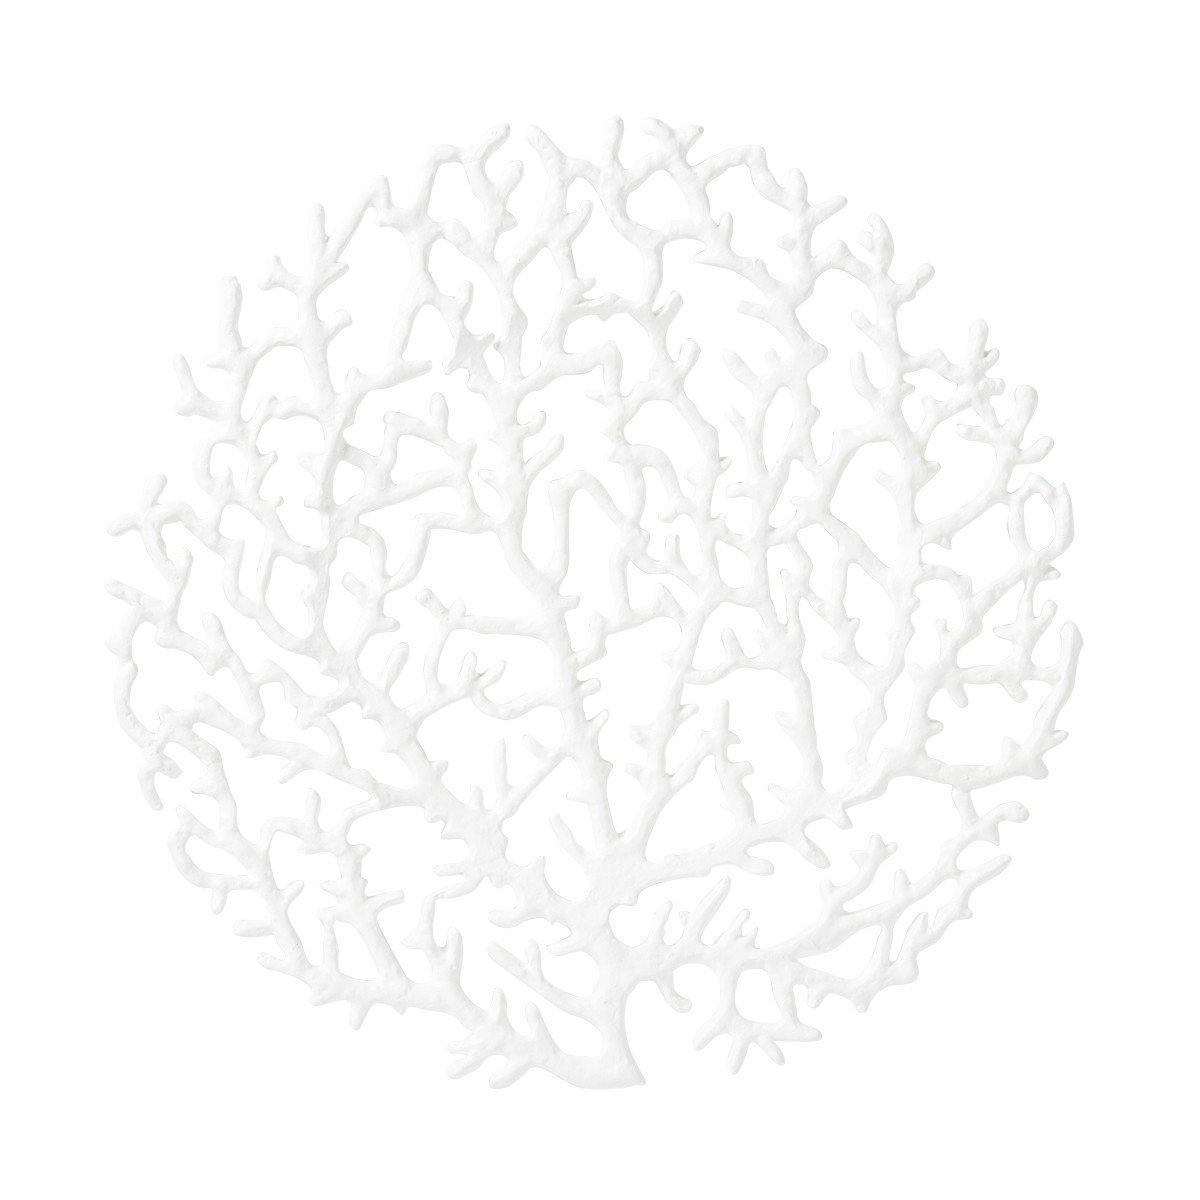 Coastal Christmas Tablescape Décor - Juliska white coral placemat